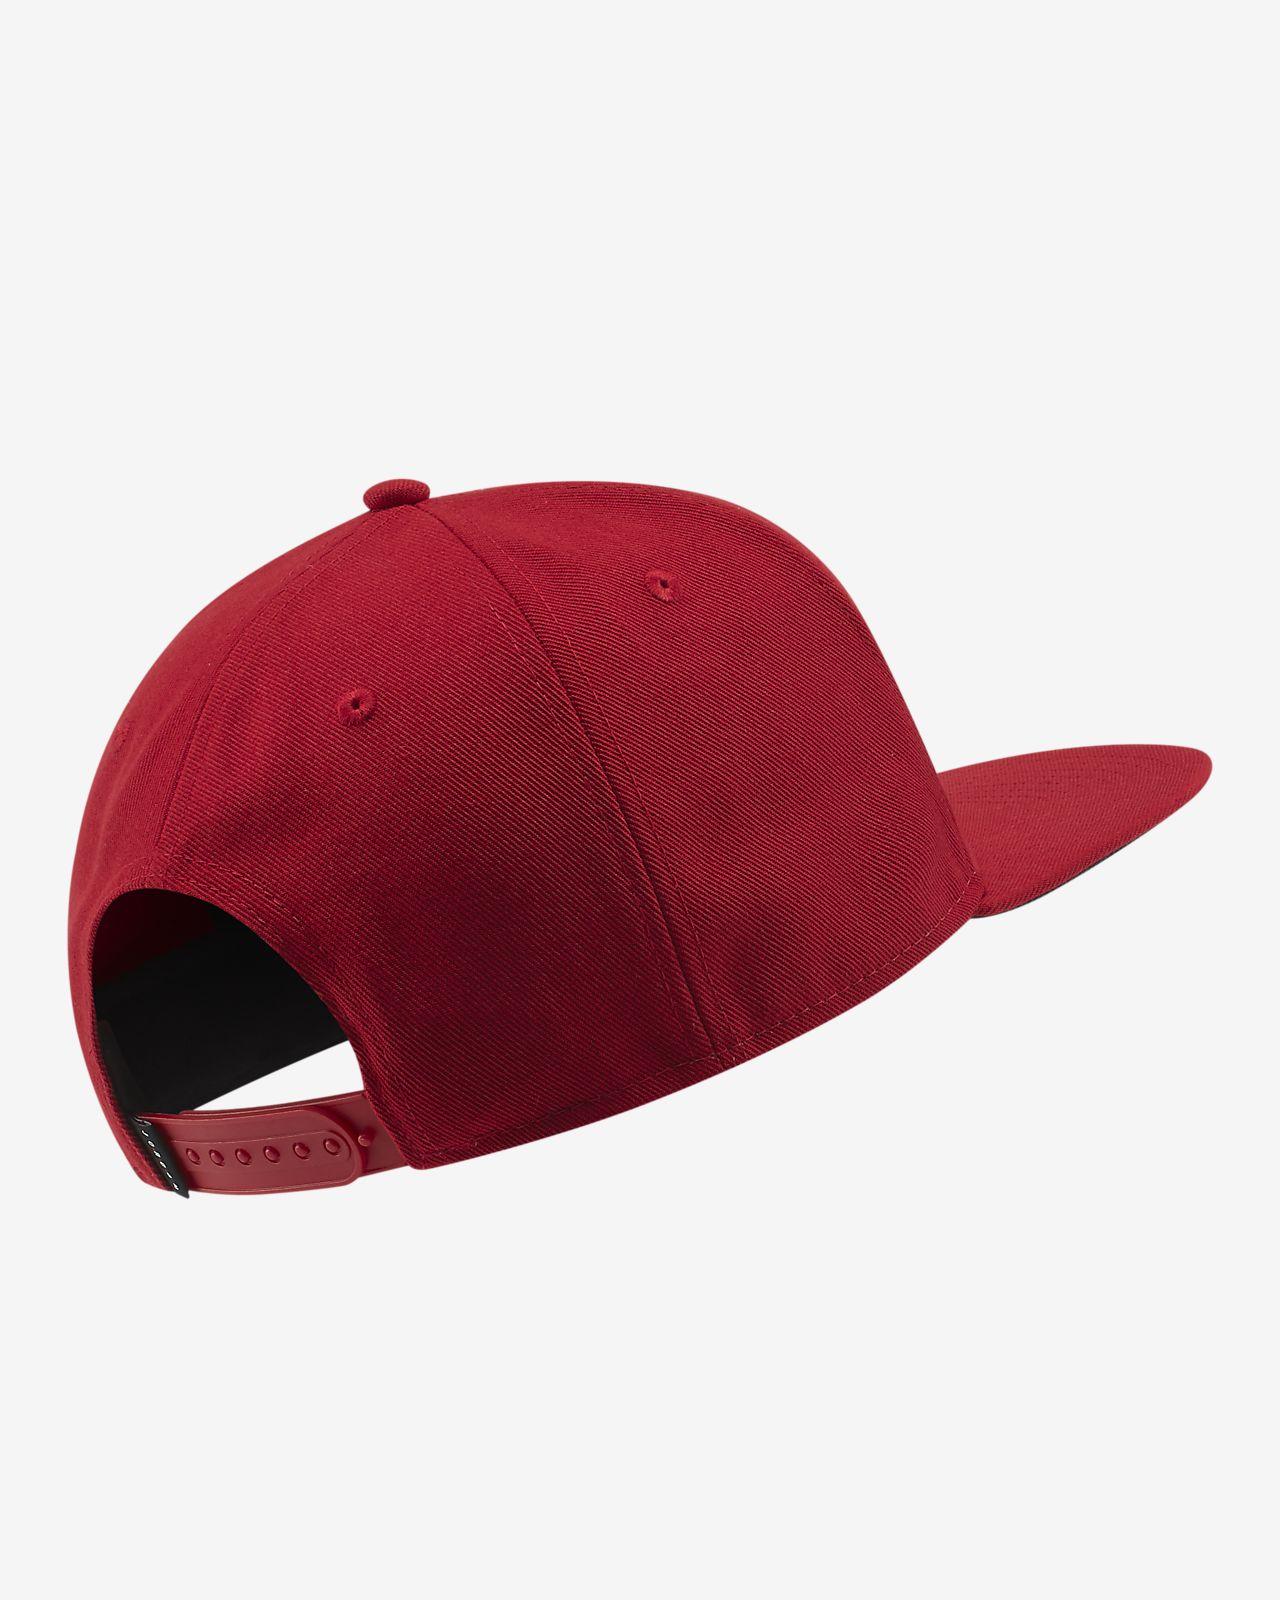 9e668475b9f Jordan Pro Jumpman Snapback Hat. Nike.com GB